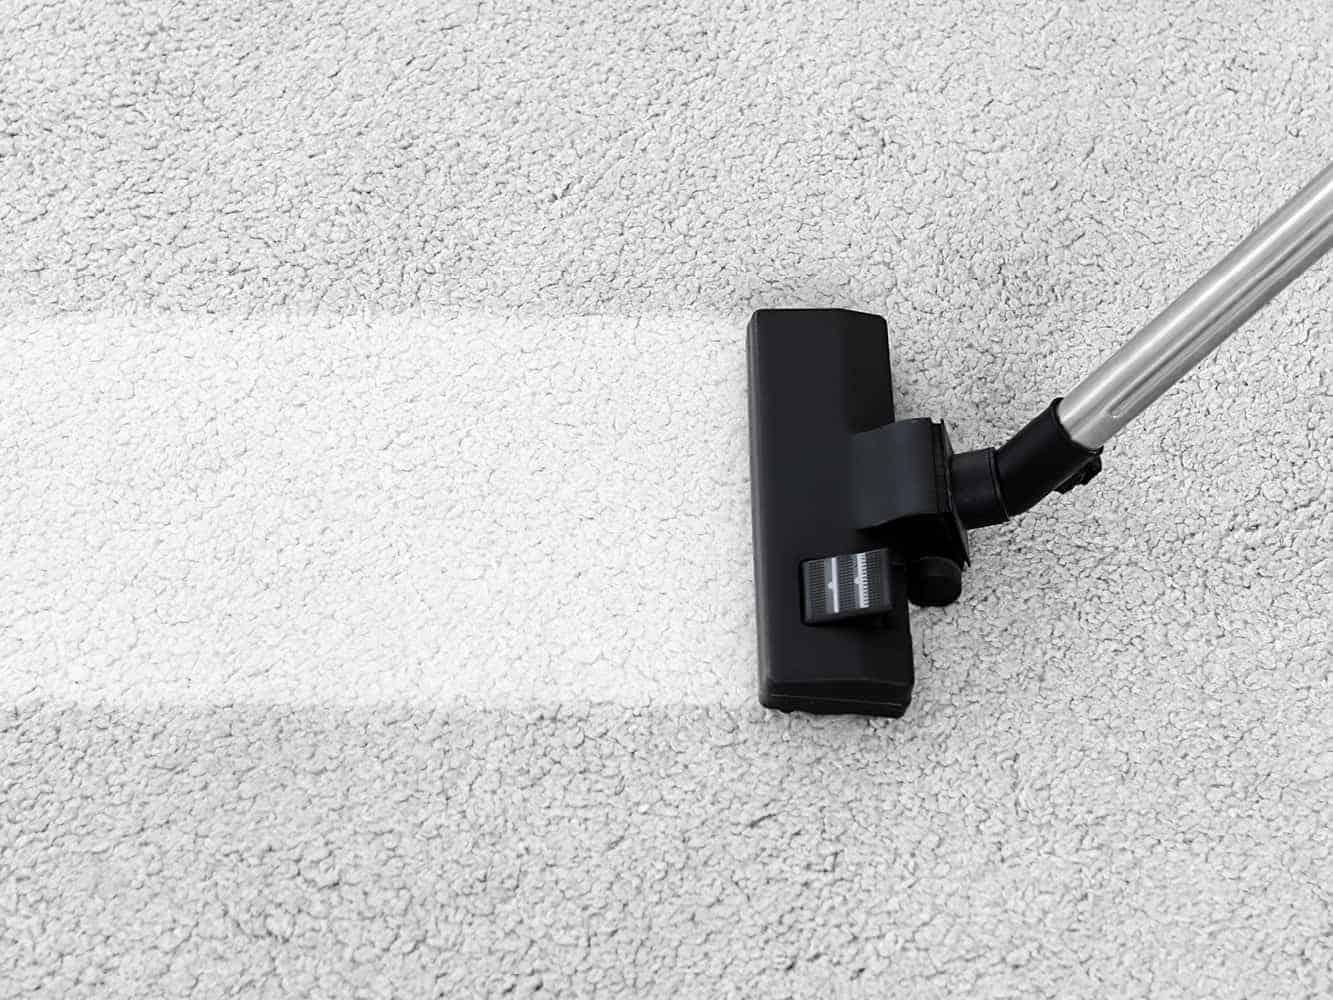 Vacuum cleaner buying